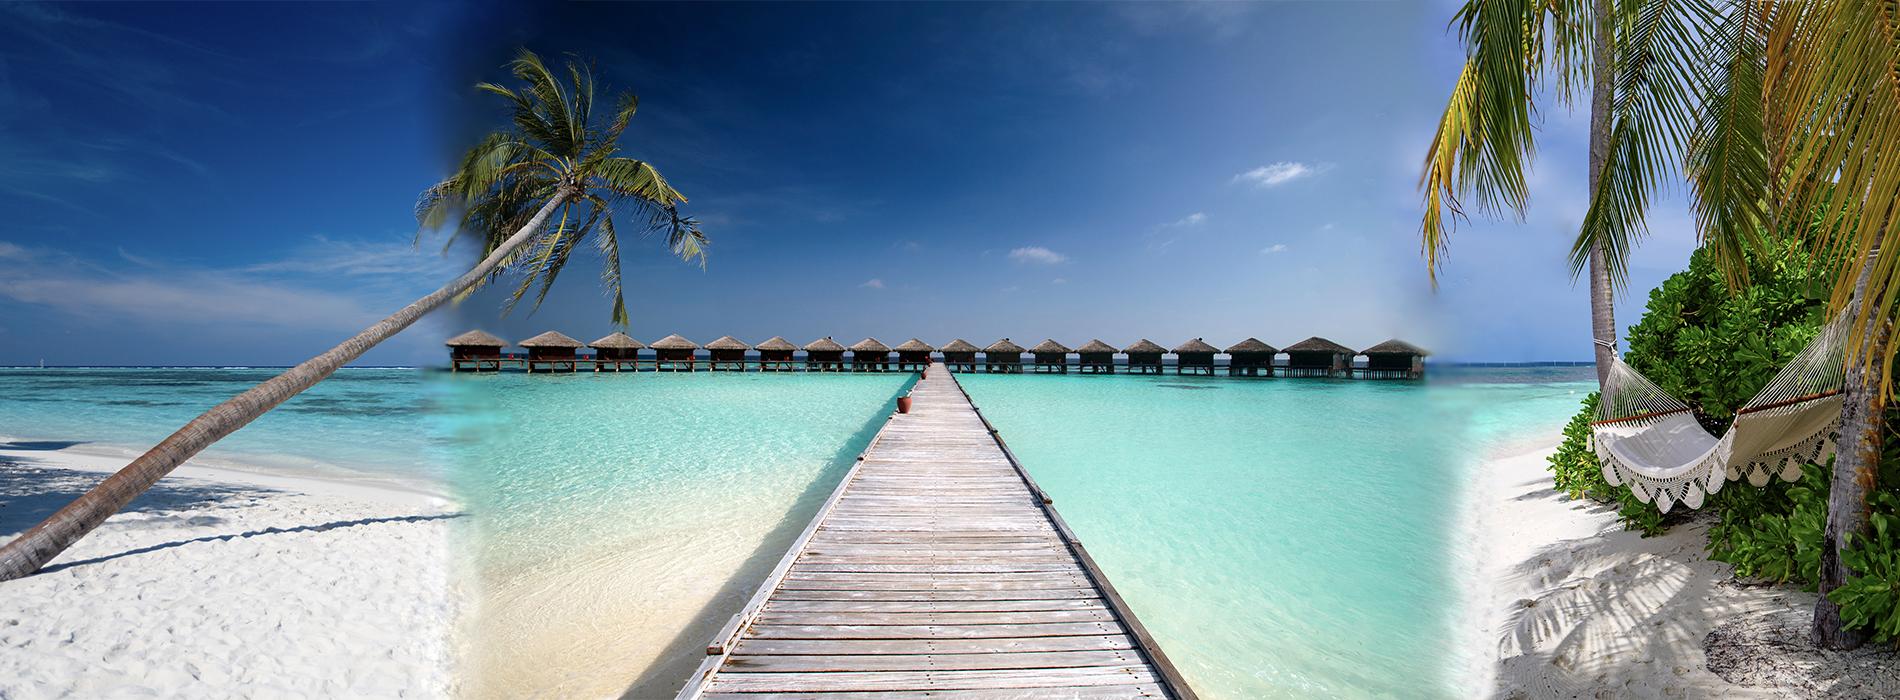 Екзотична Нова година на Малдивите - 5 нощувки - директен полет!